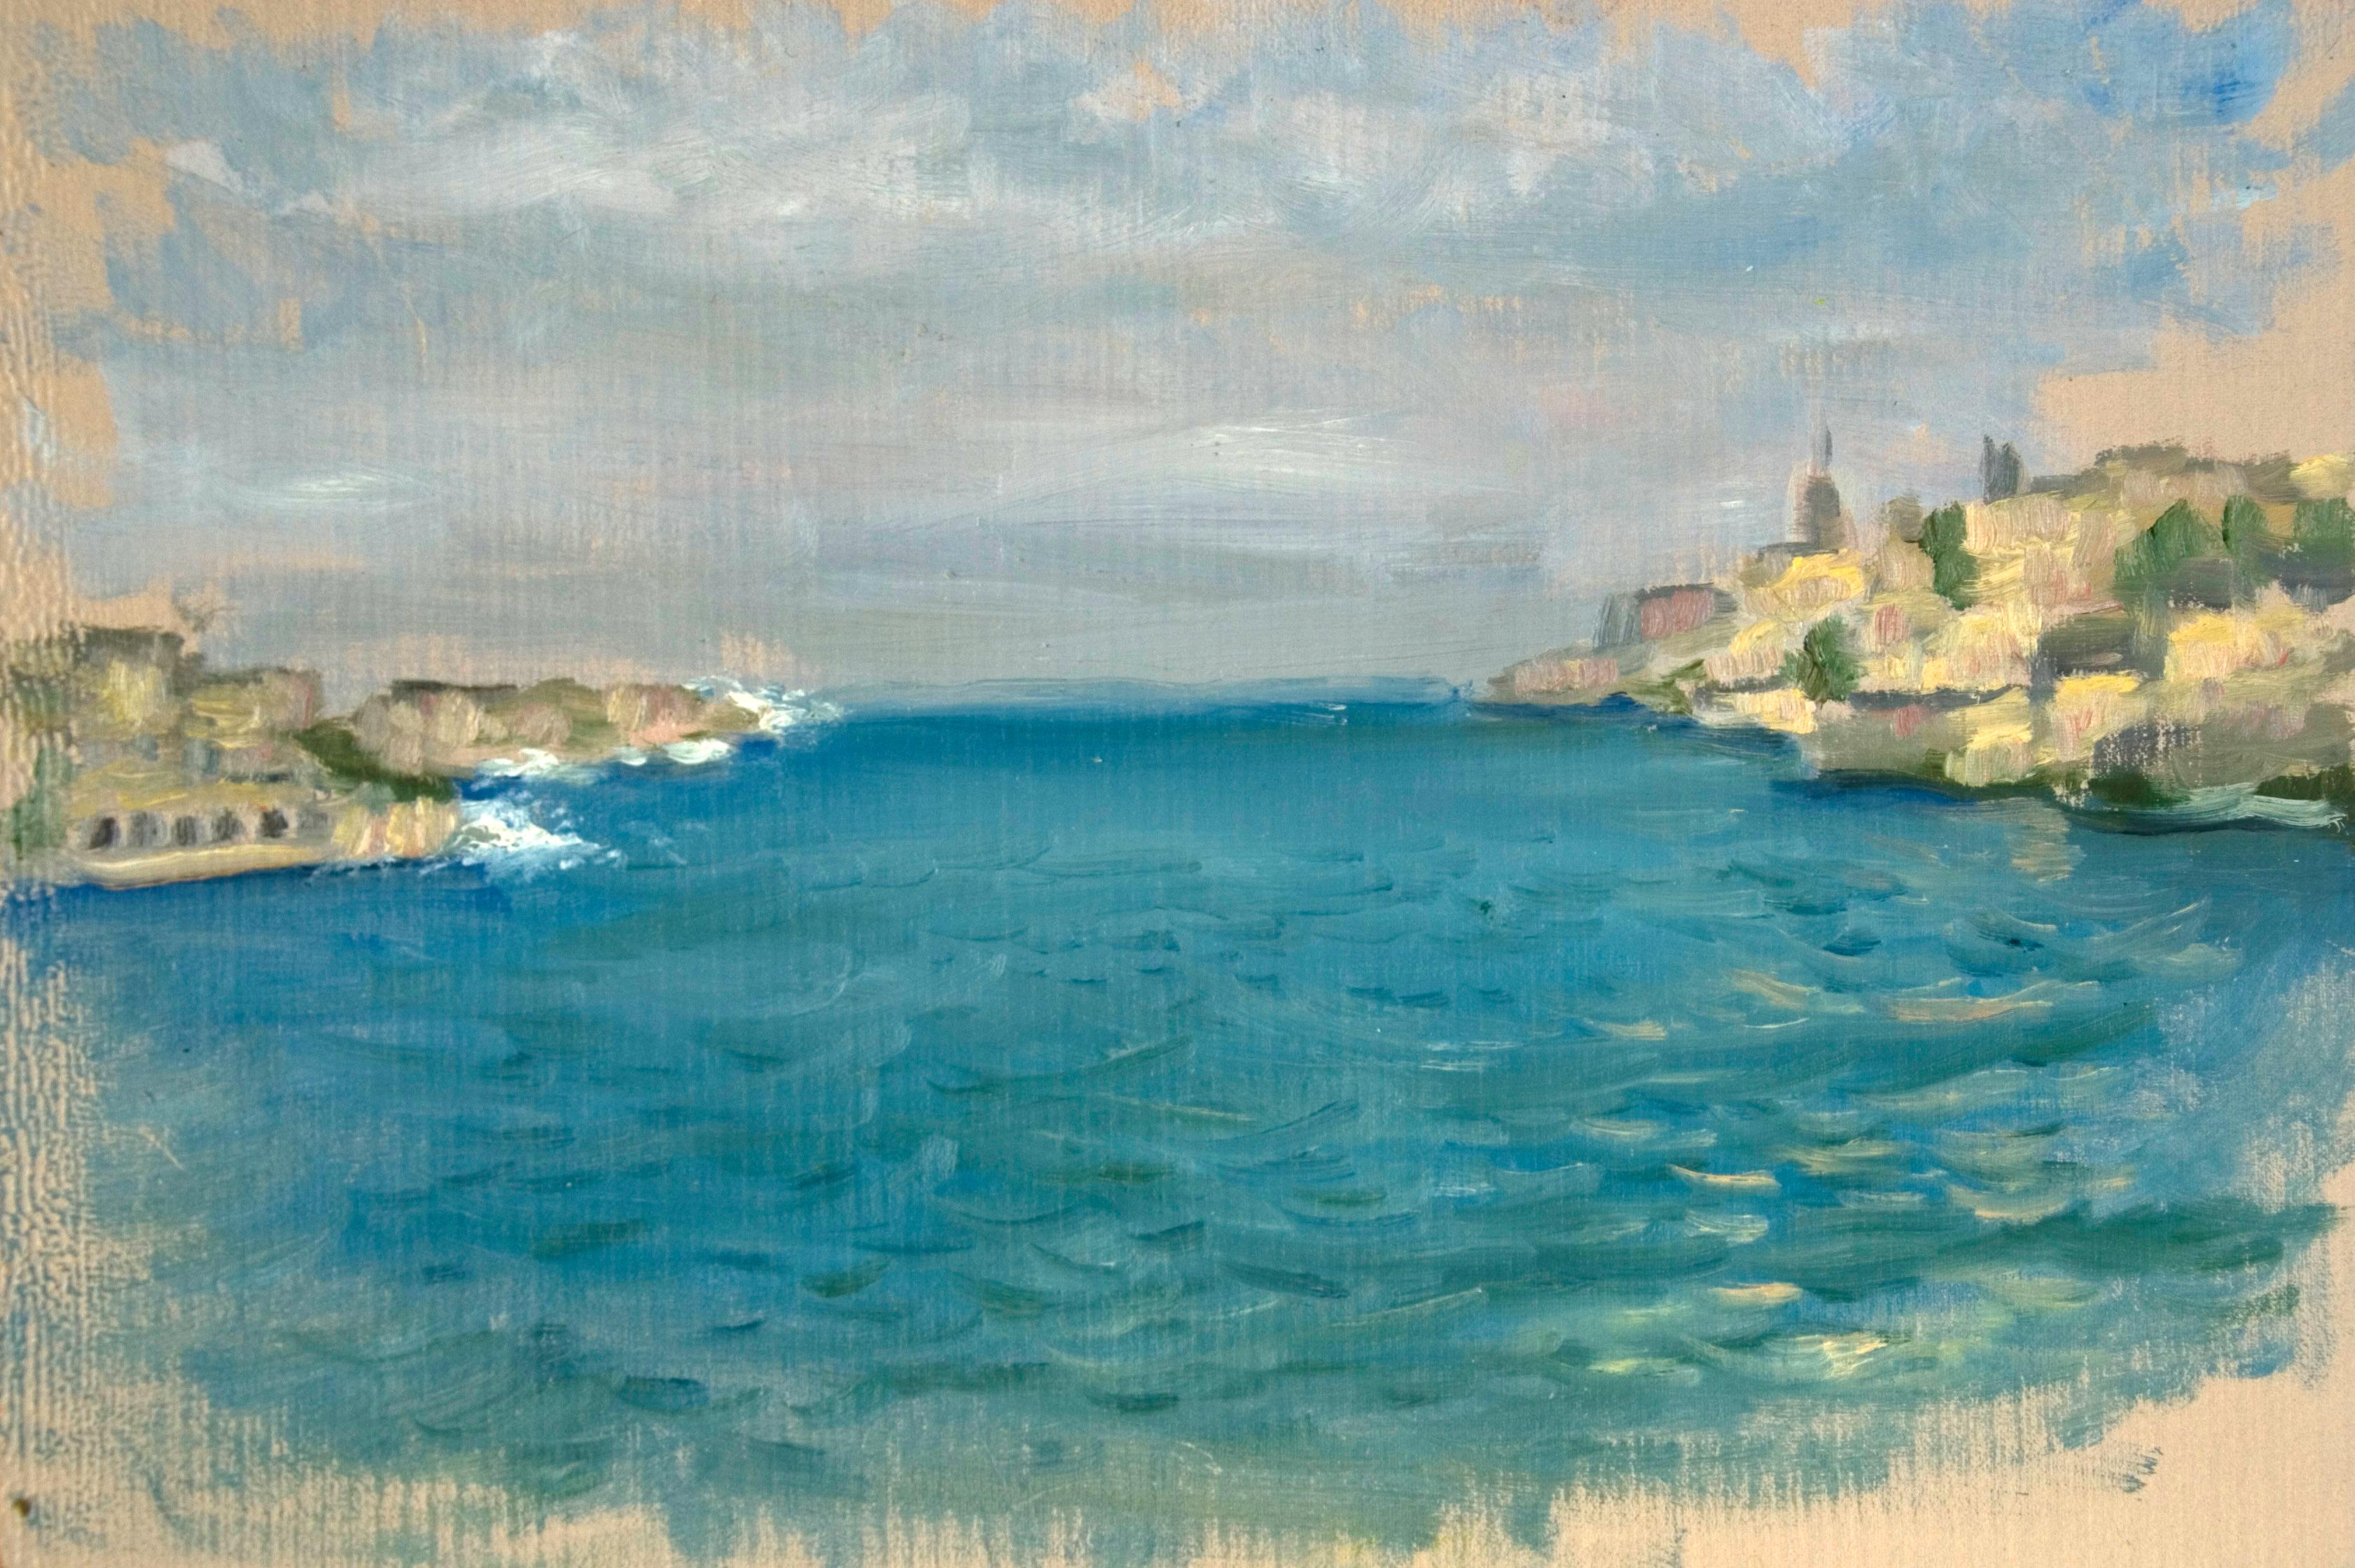 Бухта Ла-Валетты/La Valetta Bay